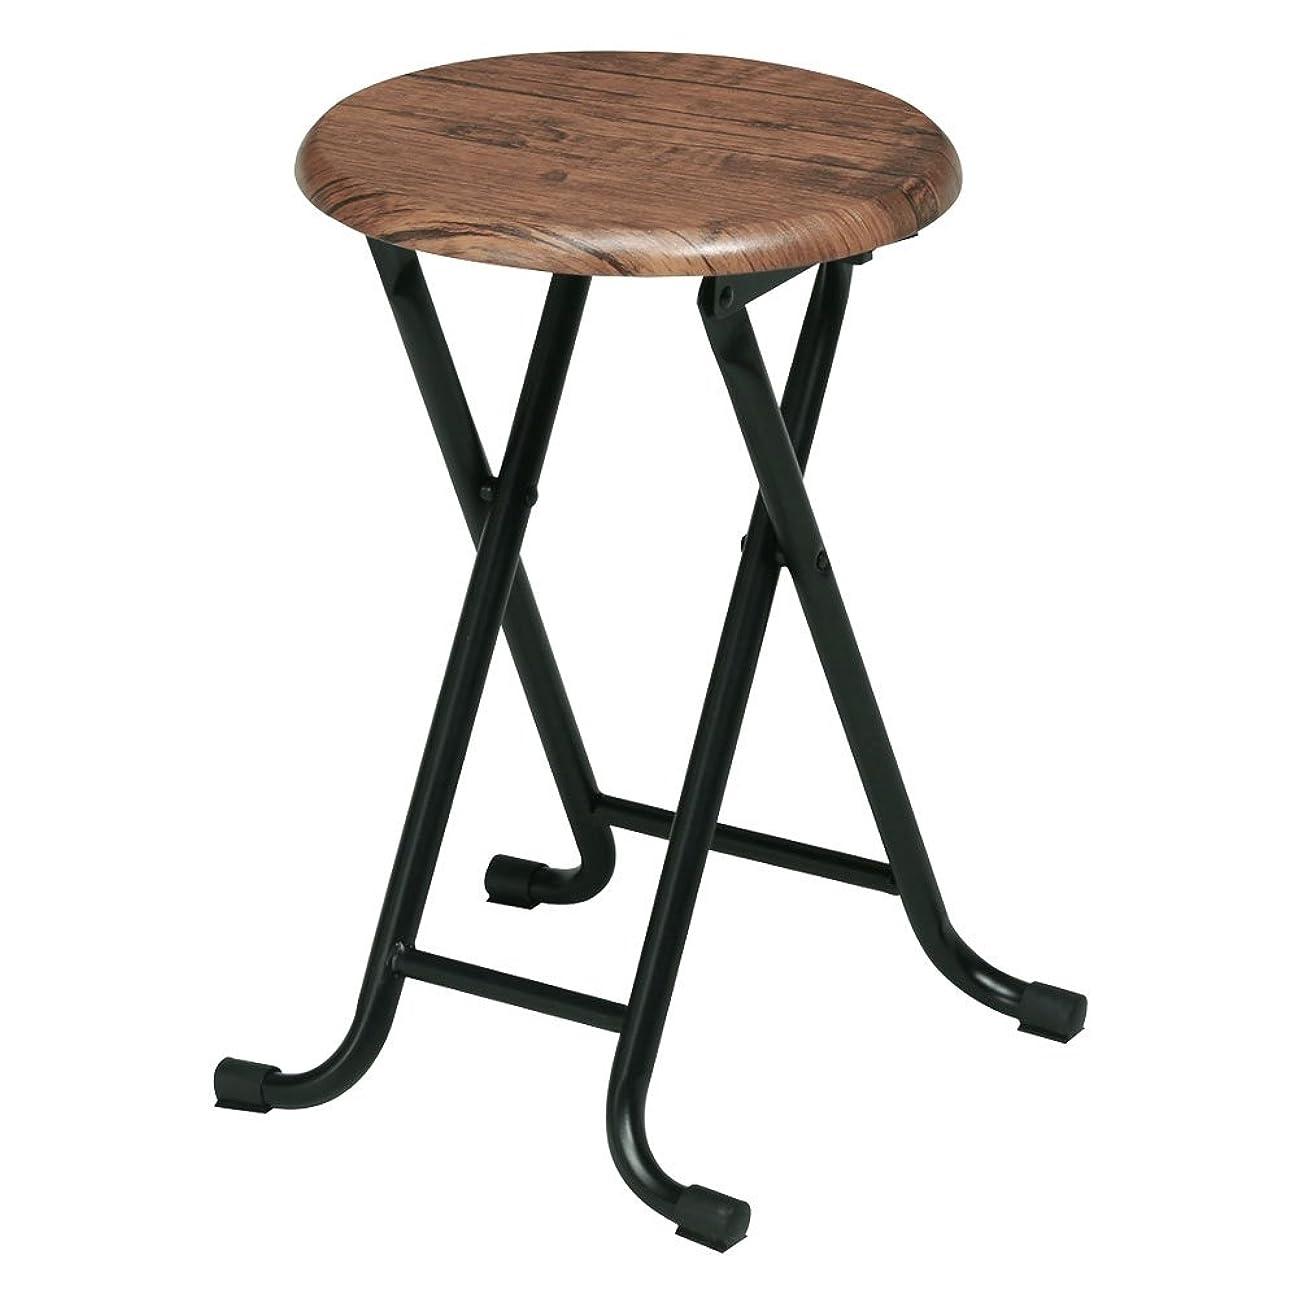 主張するモーテル楽しませるぼん家具 折りたたみチェア 軽量 木目調 丸型 スツール コンパクト 1人用 パイプ椅子 丸椅子 チェア 椅子 おしゃれ ブラウン